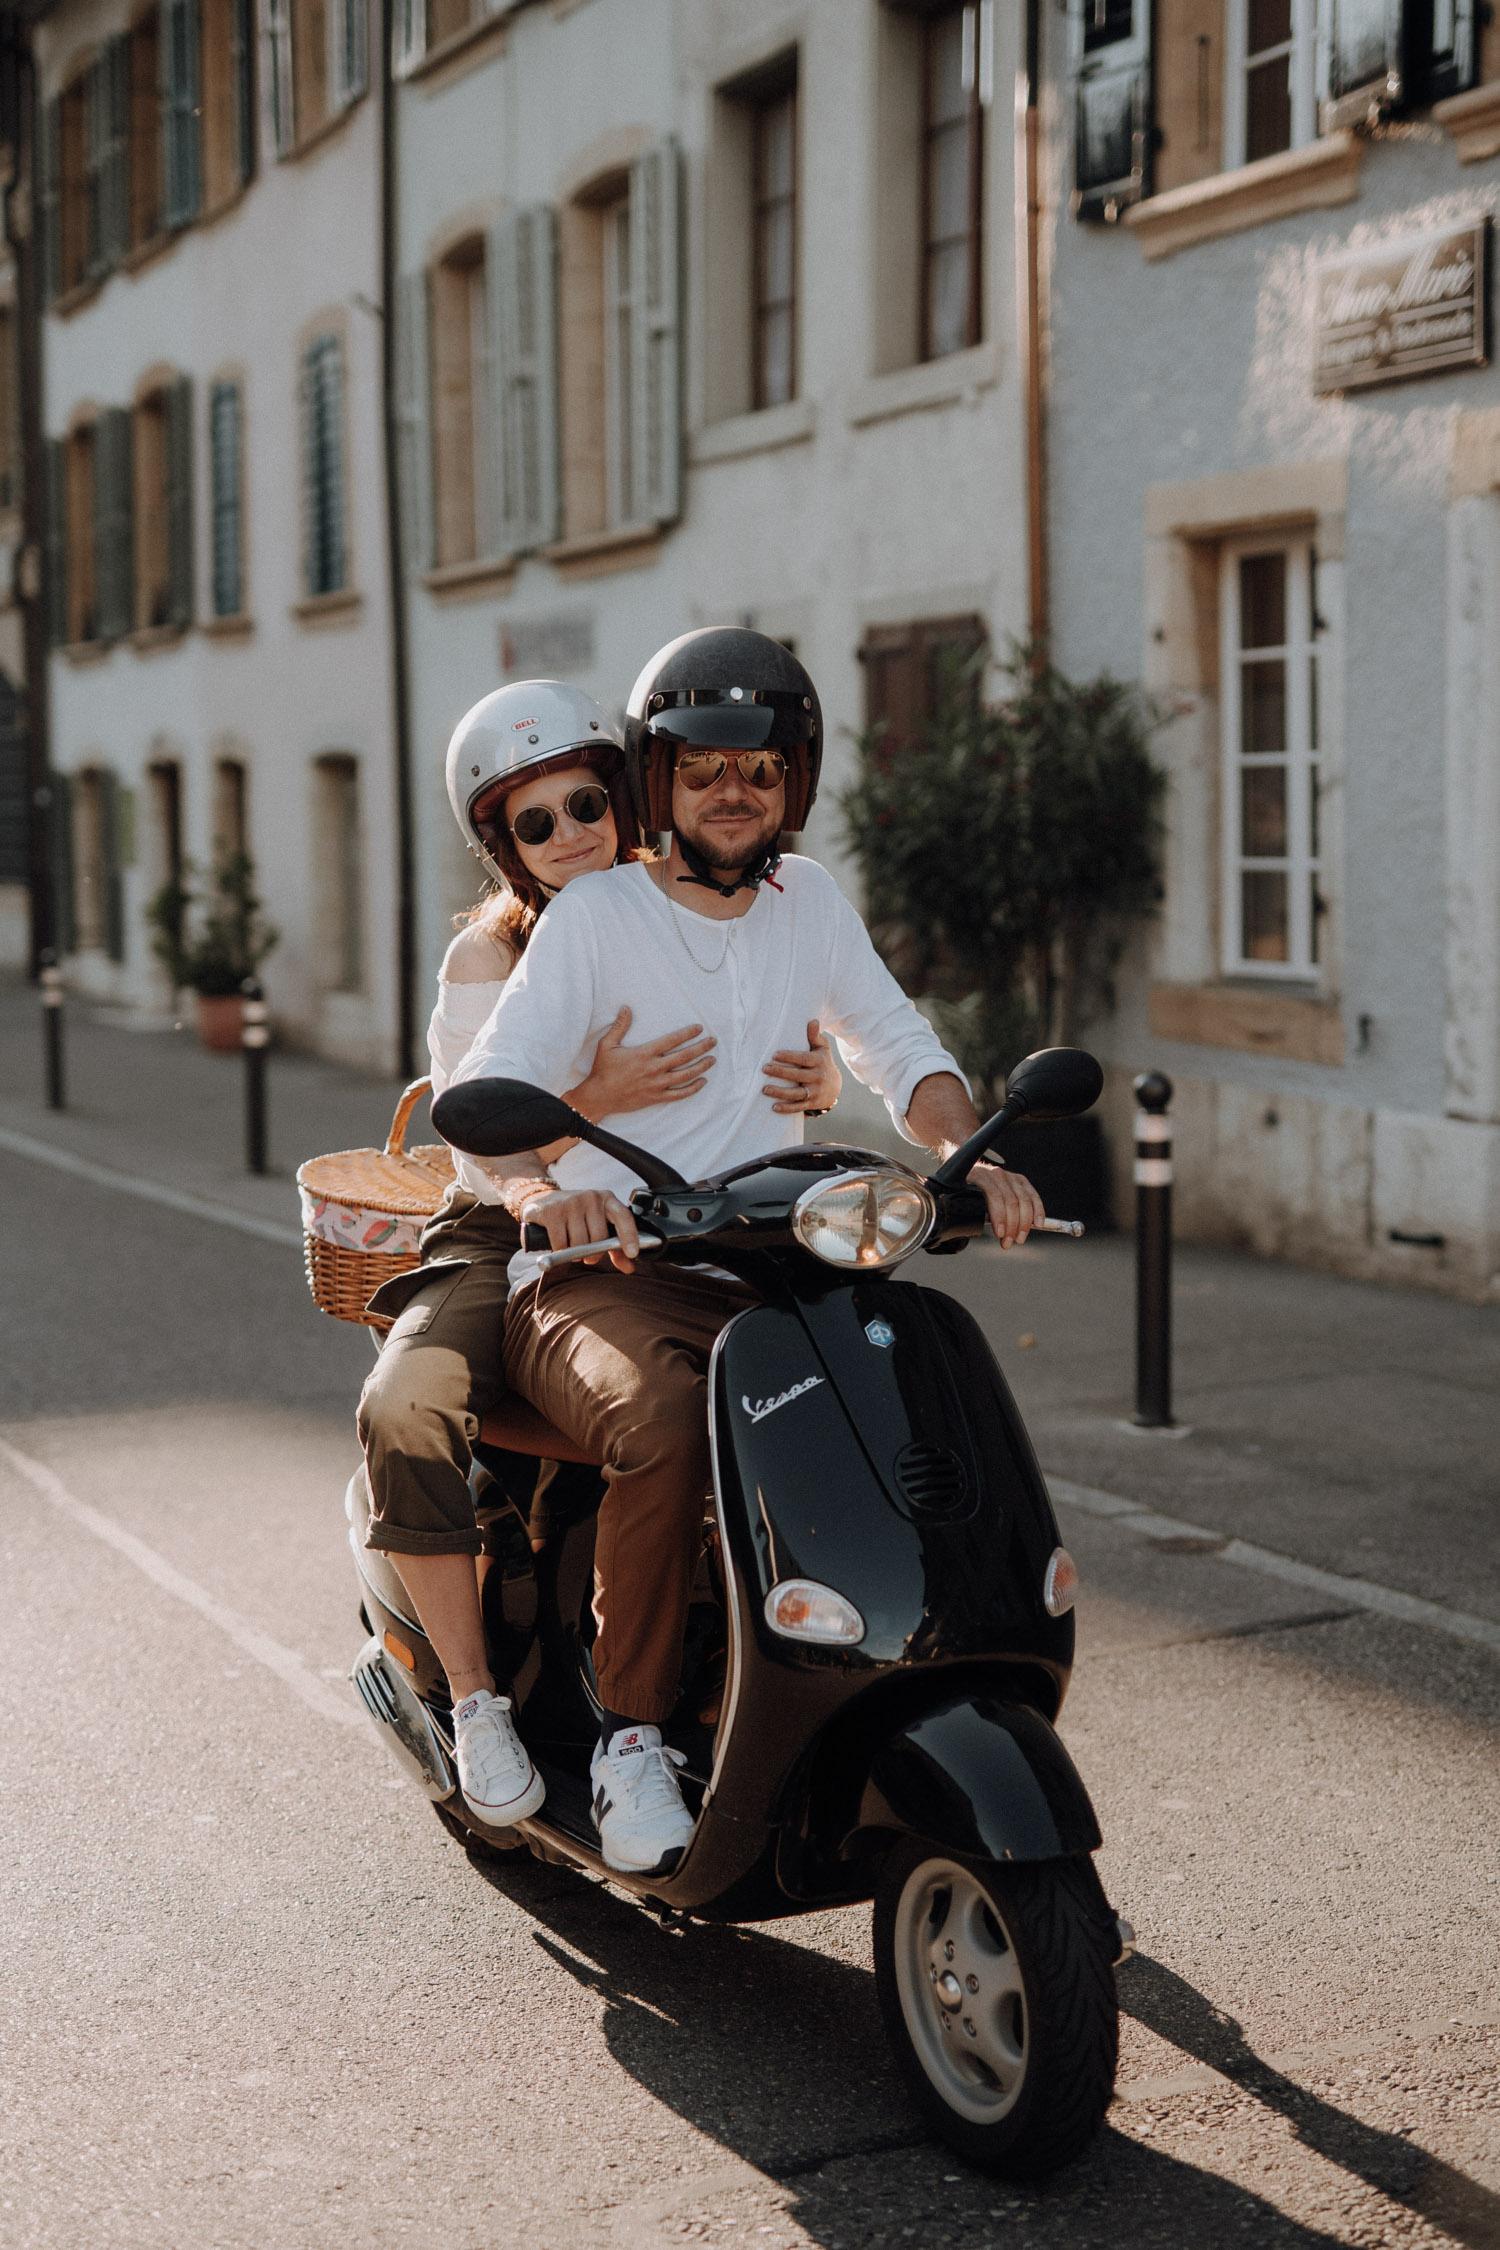 Verlobungsshooting in Bern Paarshooting natürlich ungestellt Schweiz Hochzeitsfotografin authentisch keine Posen mit einer Vespa Motorrad in Altstadt